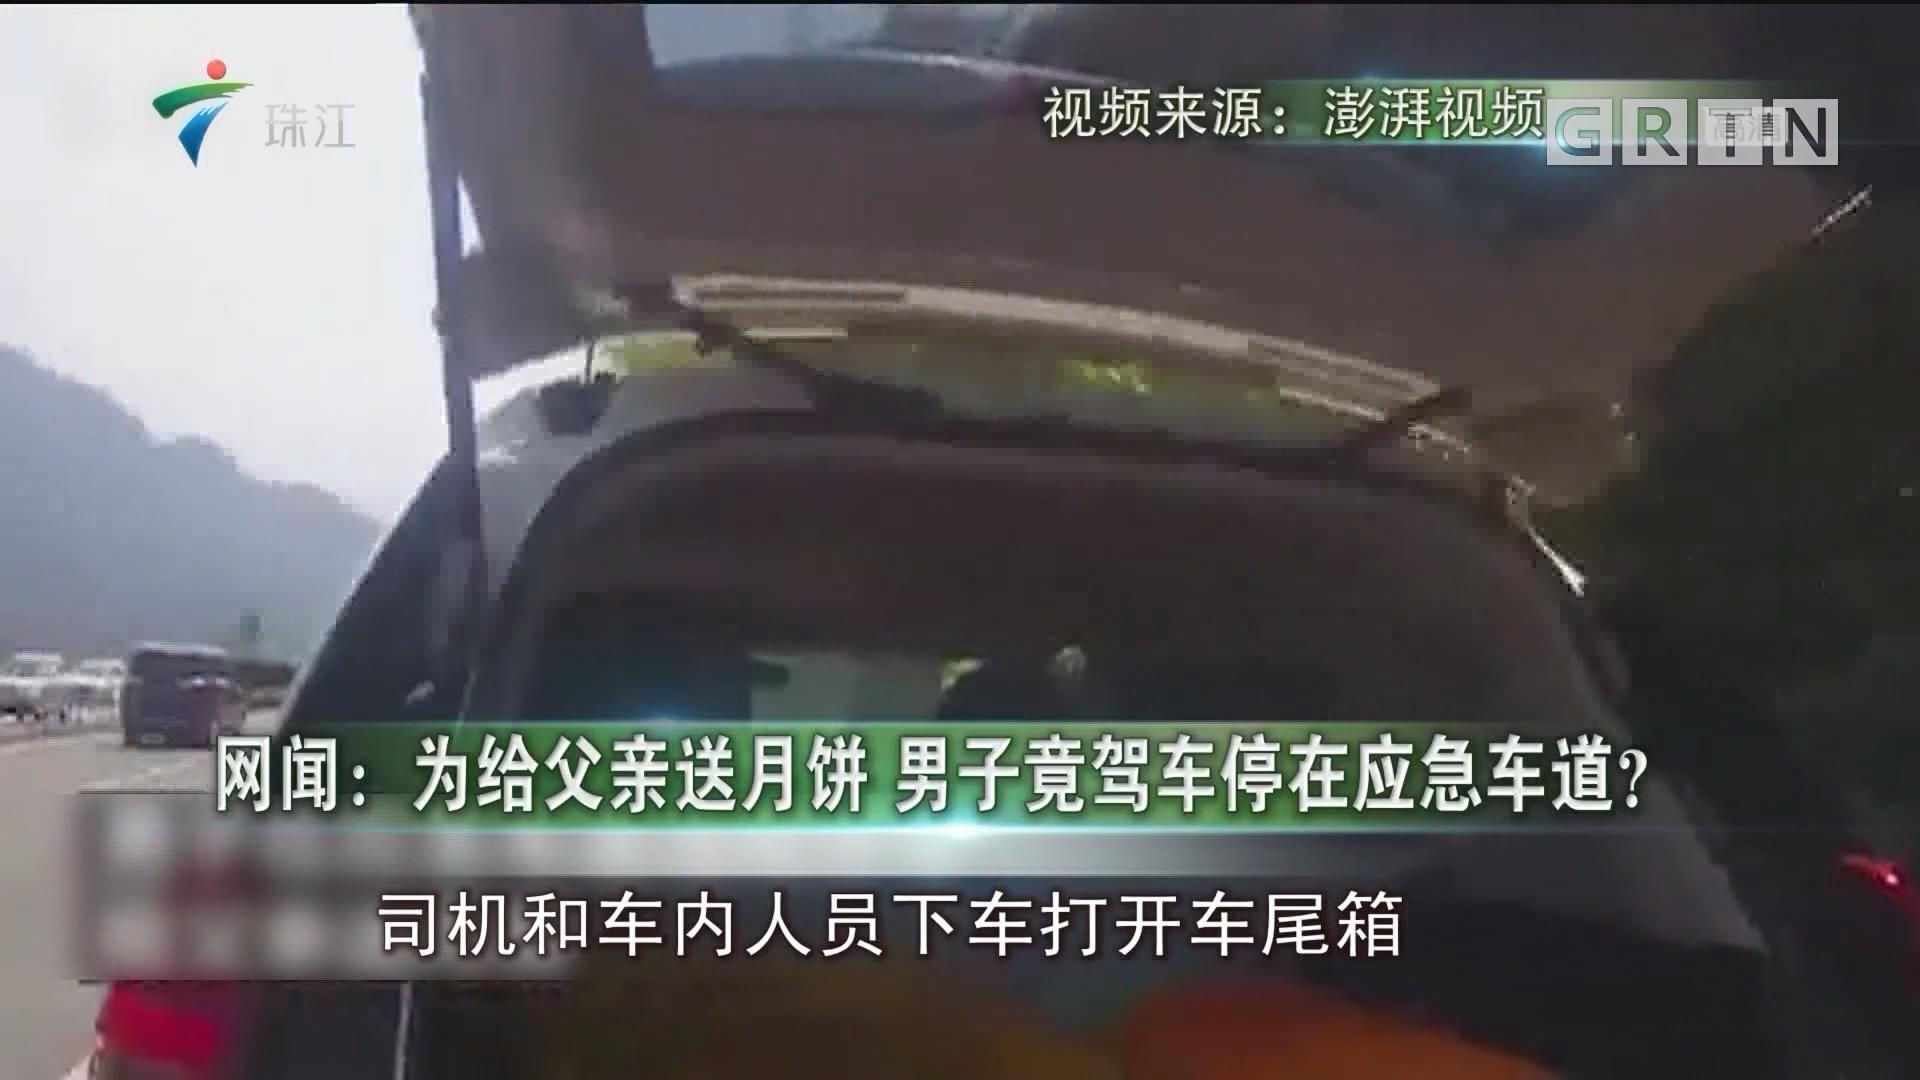 网闻:为给父亲送月饼 男子竟驾车停在应急车道?